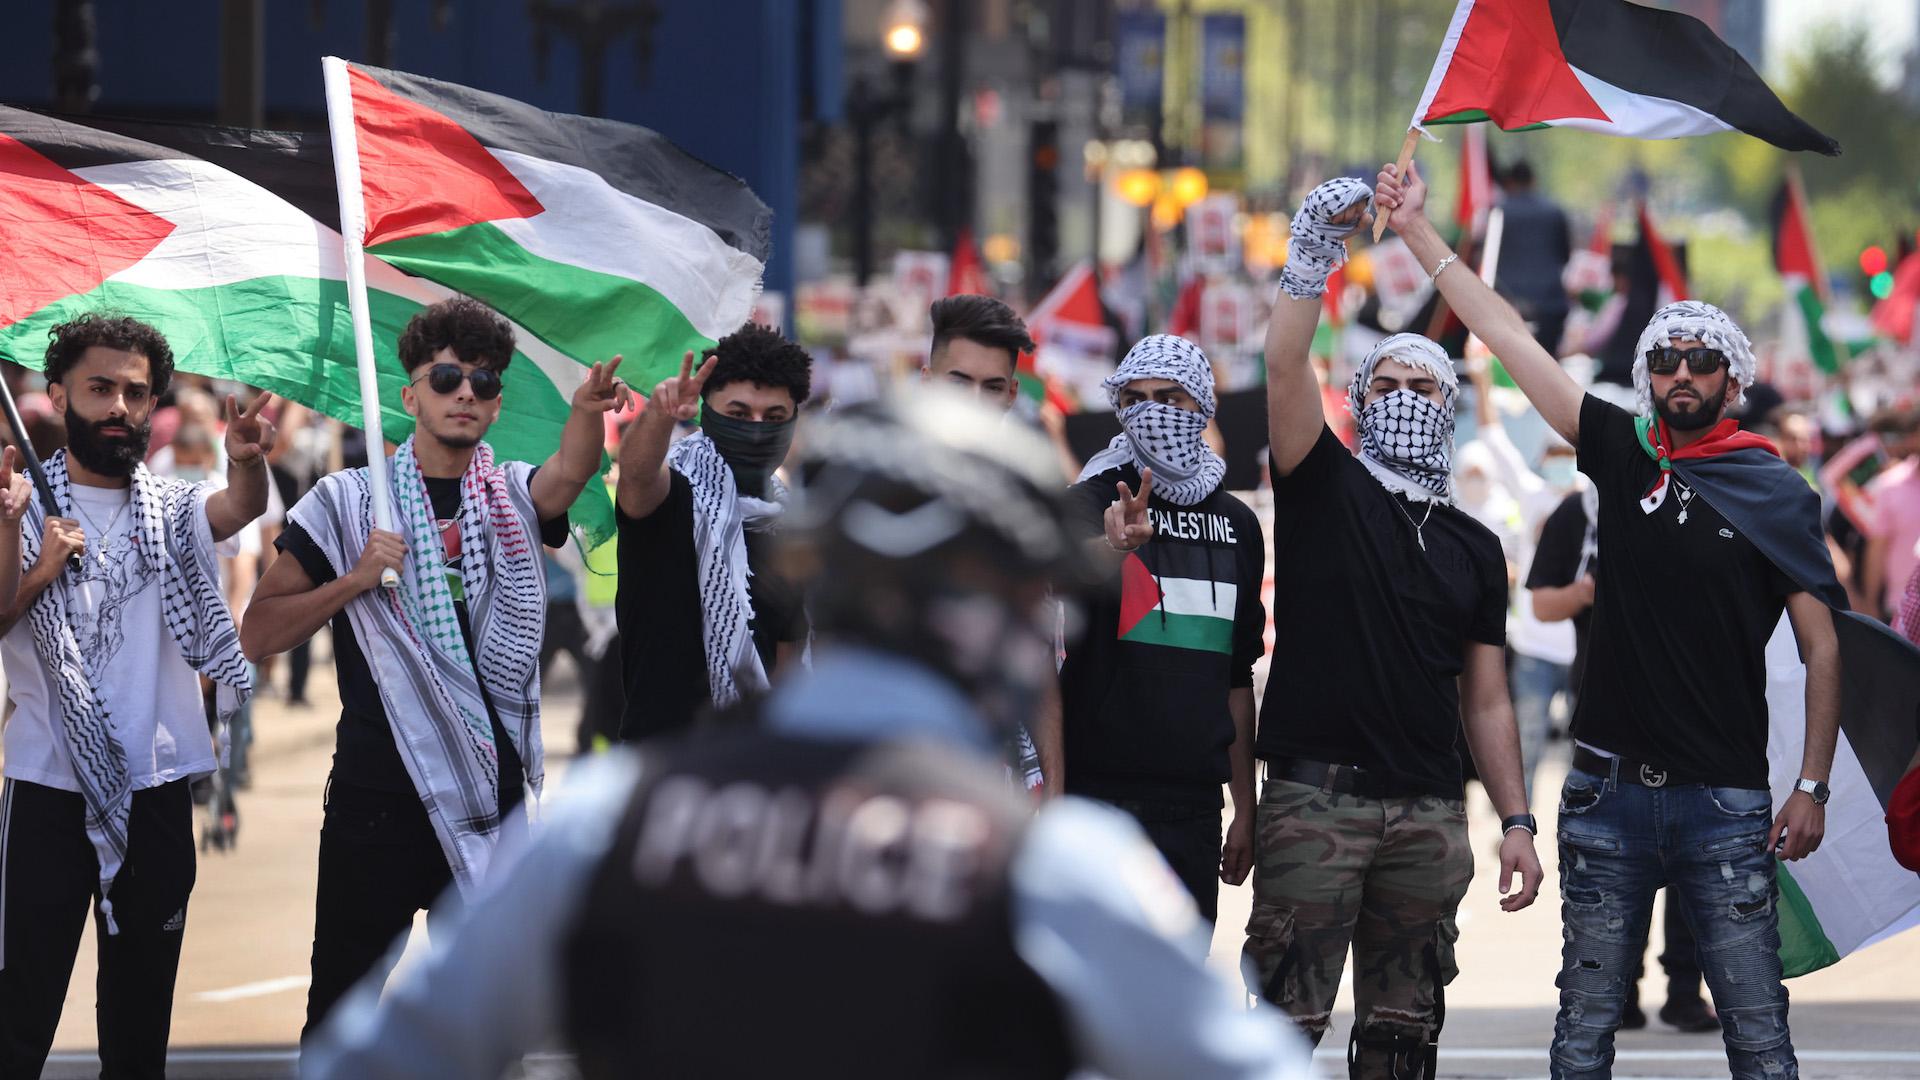 Una protesta pro-Palestina a Chicago, negli Stati Uniti